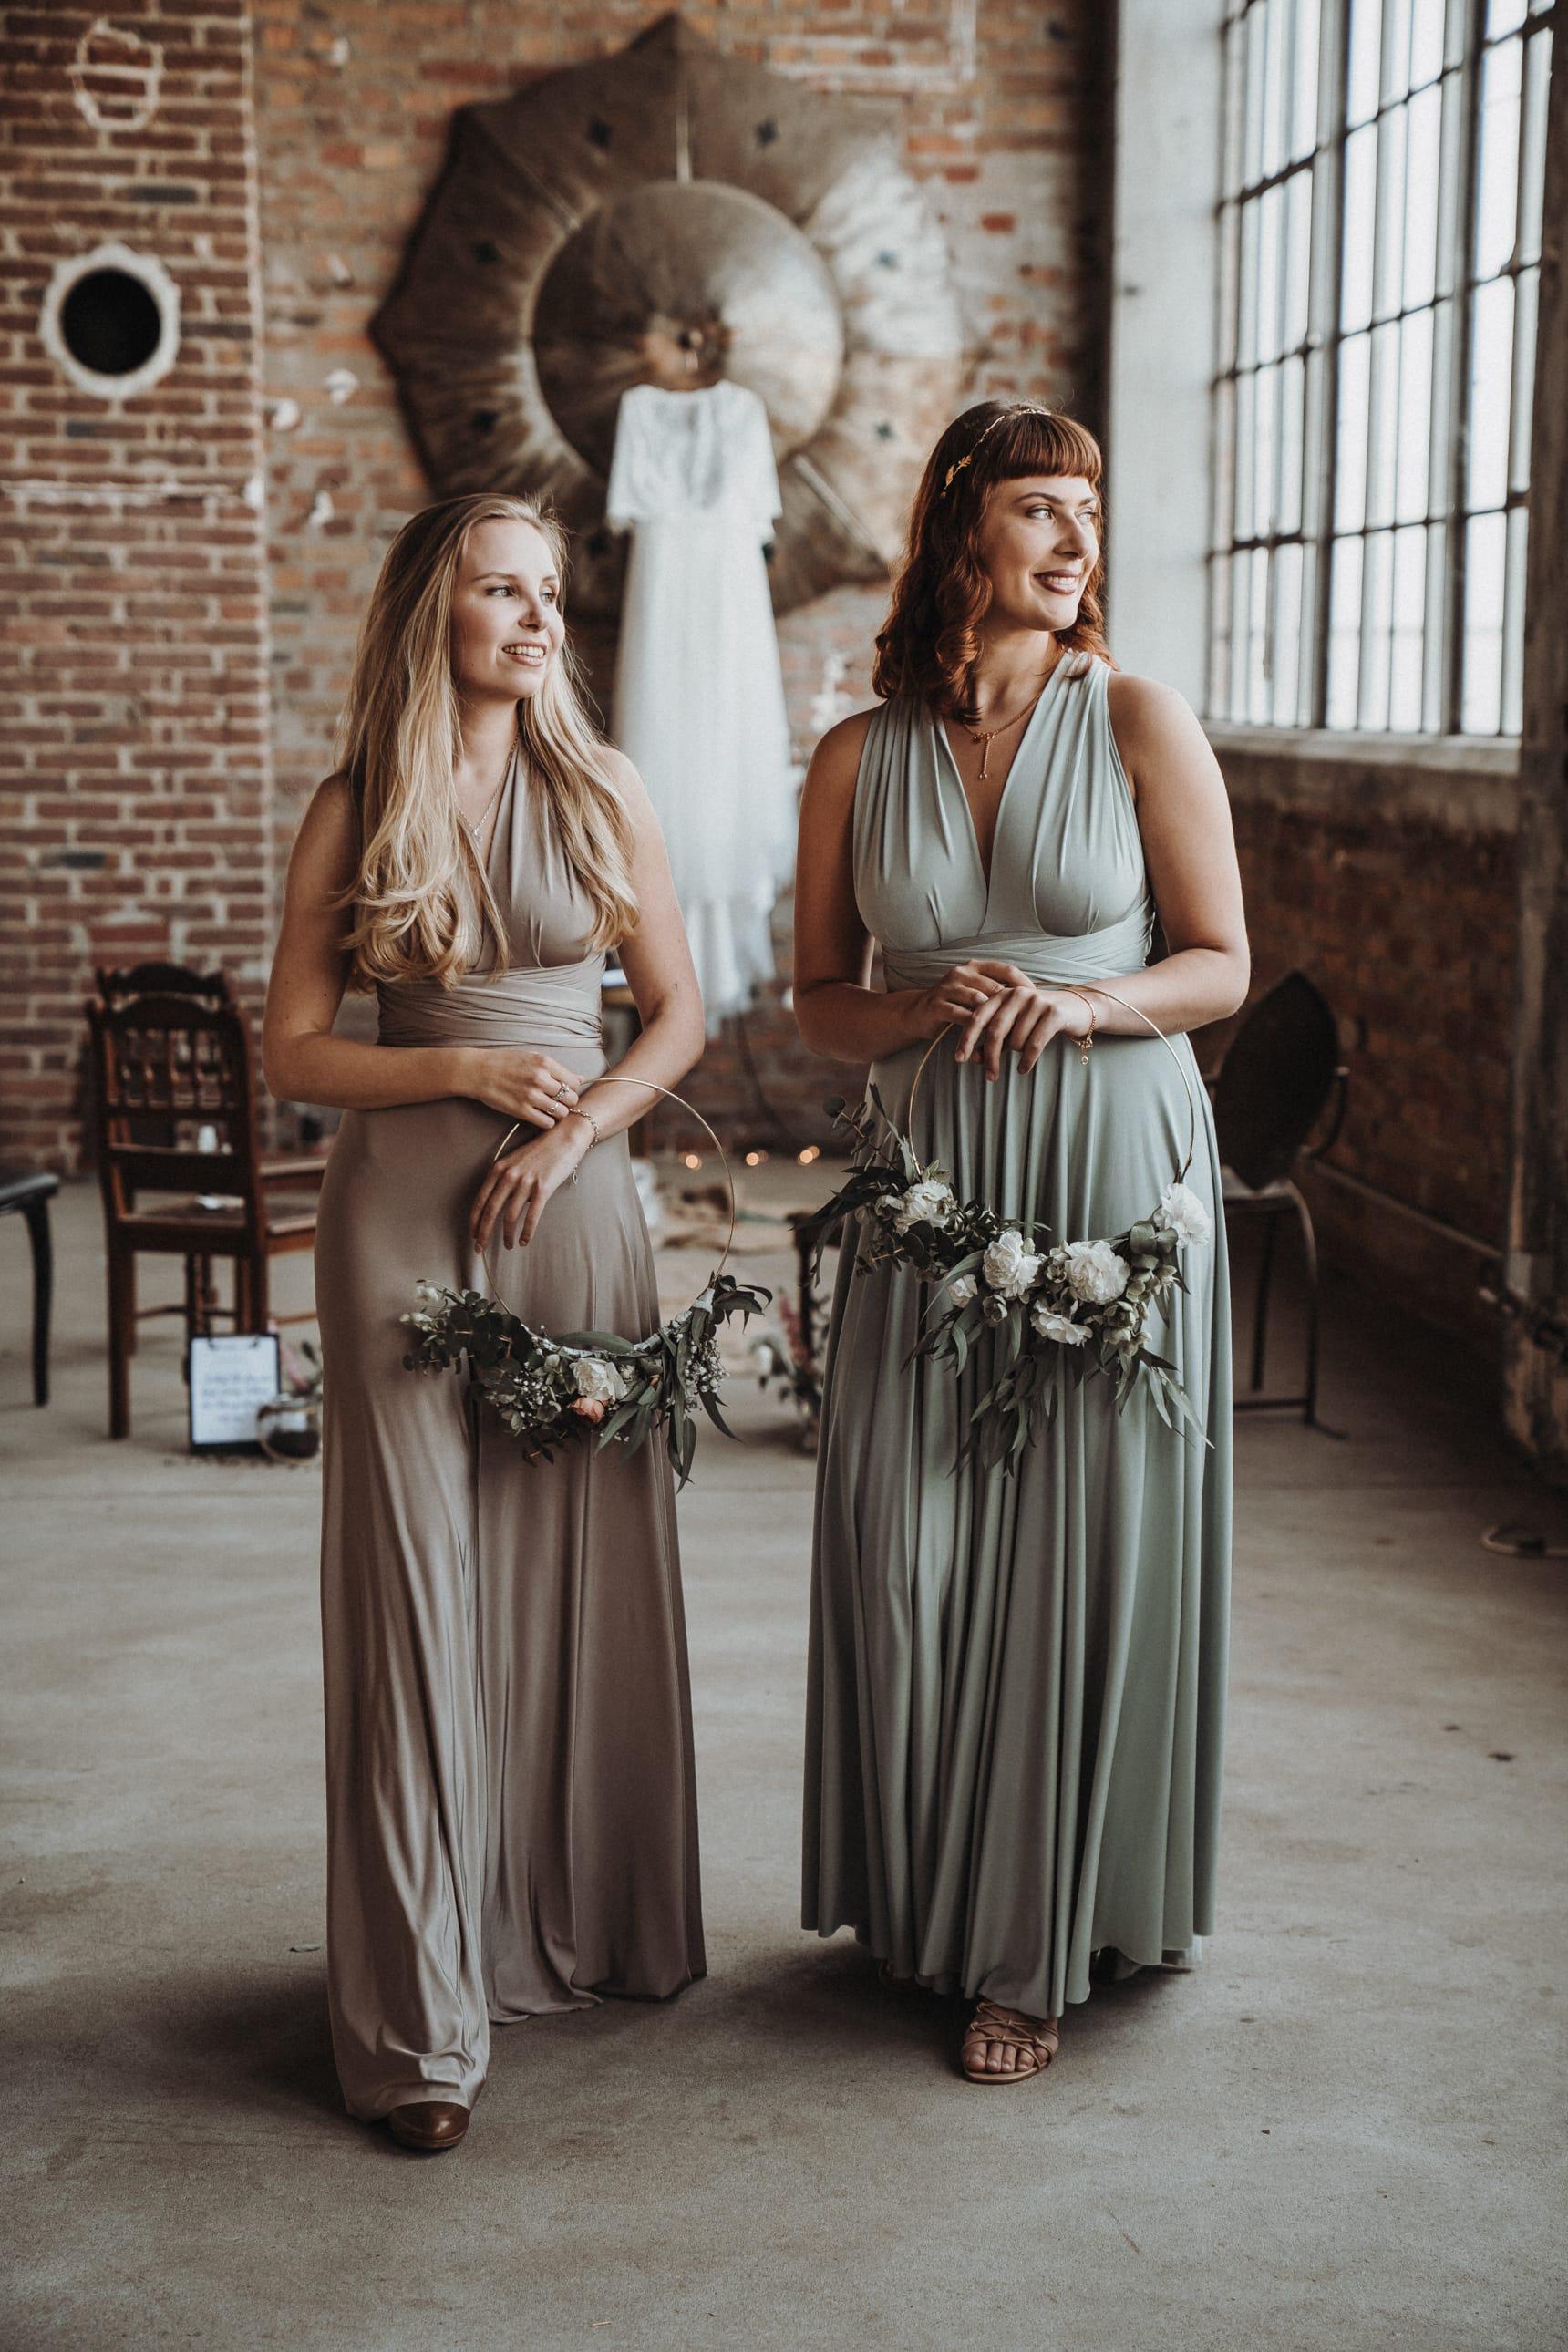 Braune_und_beige_Kleidung_Brautpaar_und_Hochzeit_01